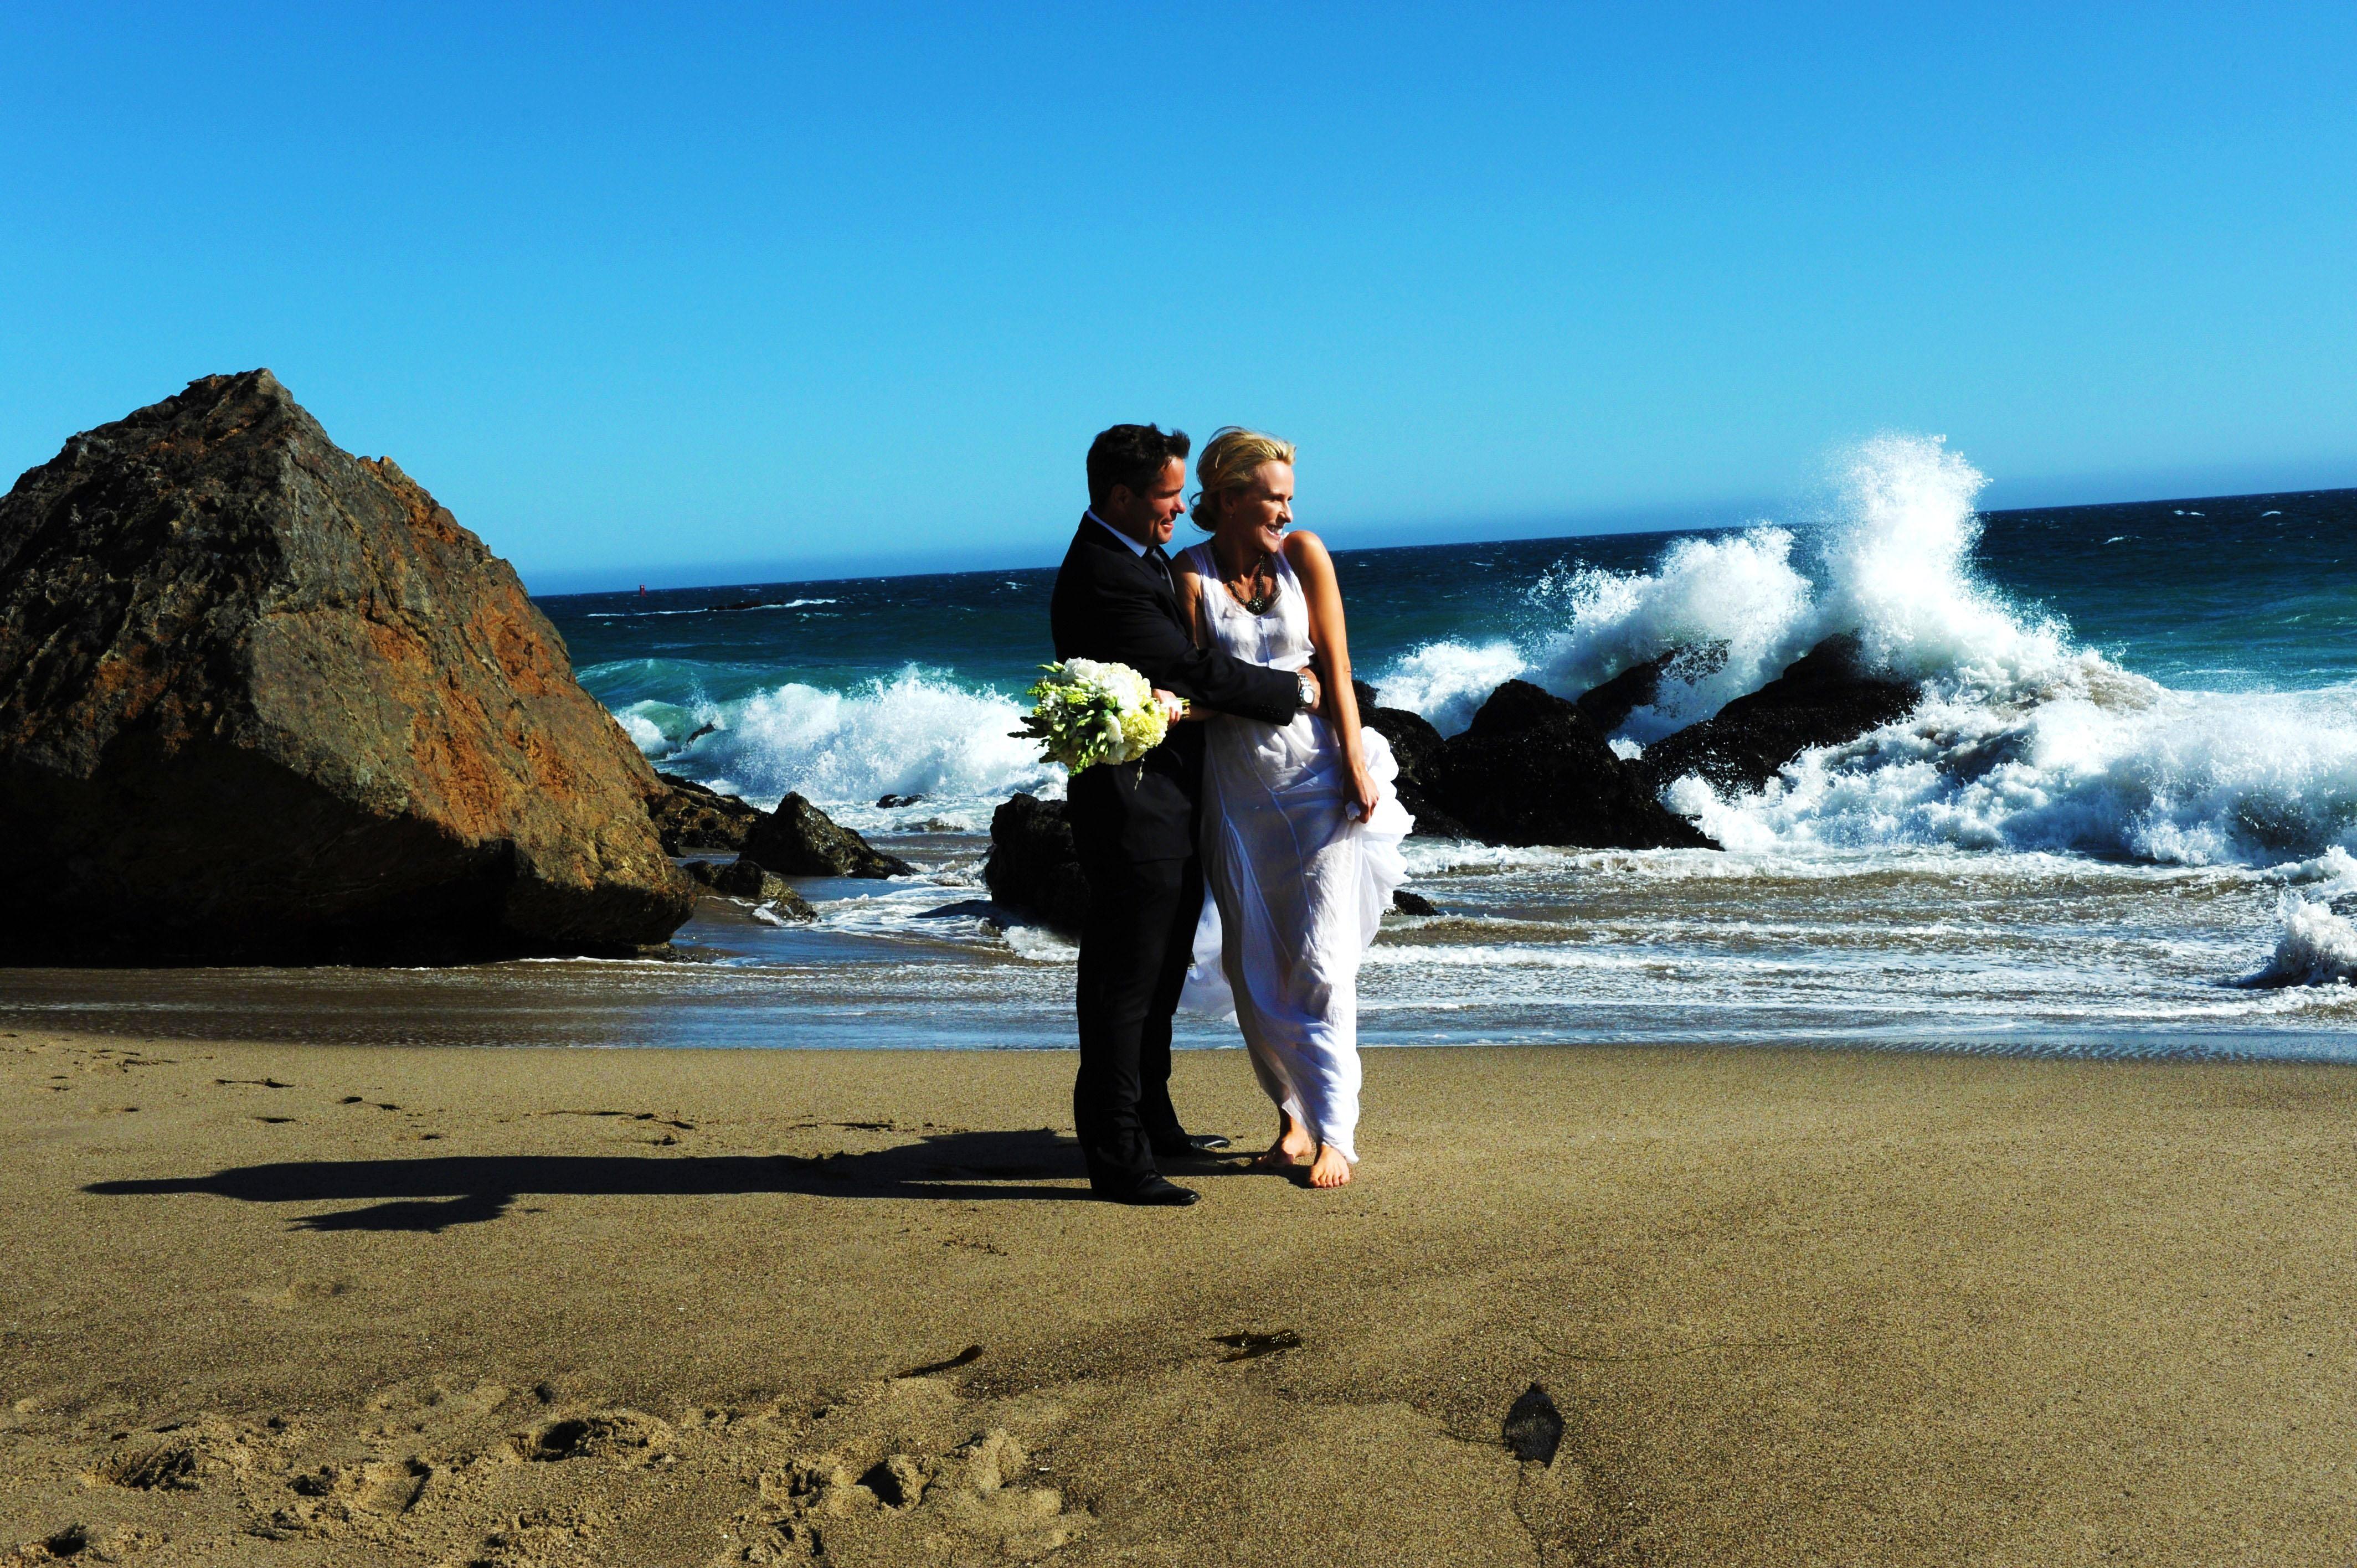 Wedding on the beach - Wedding On The Beach In Malibu Jpg